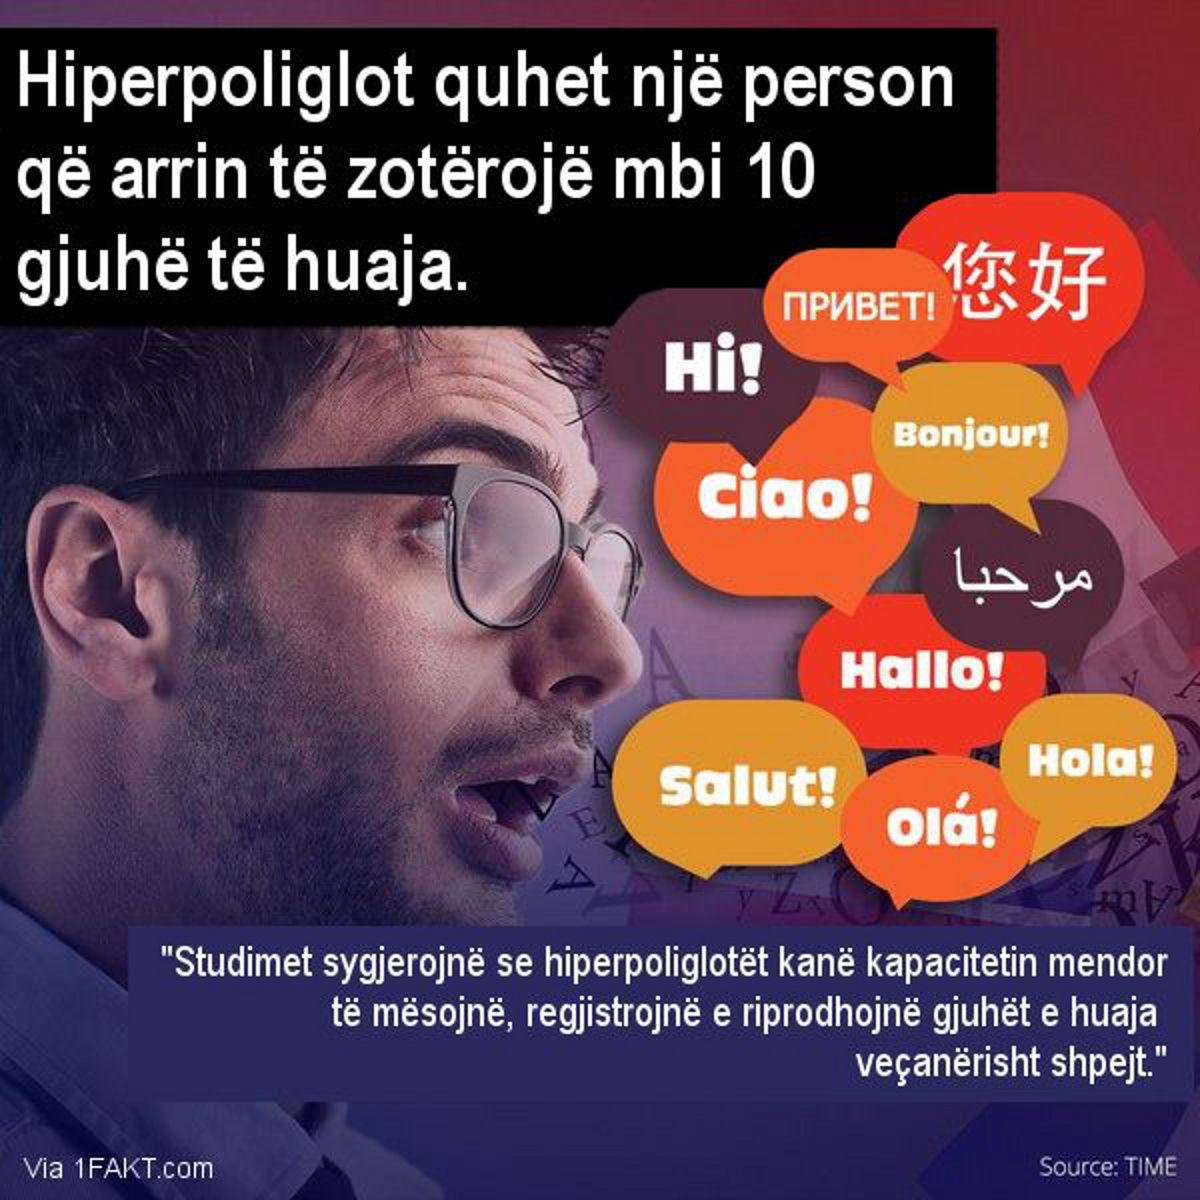 E Dini Ju Kush Janë Hiperpoliglotët?